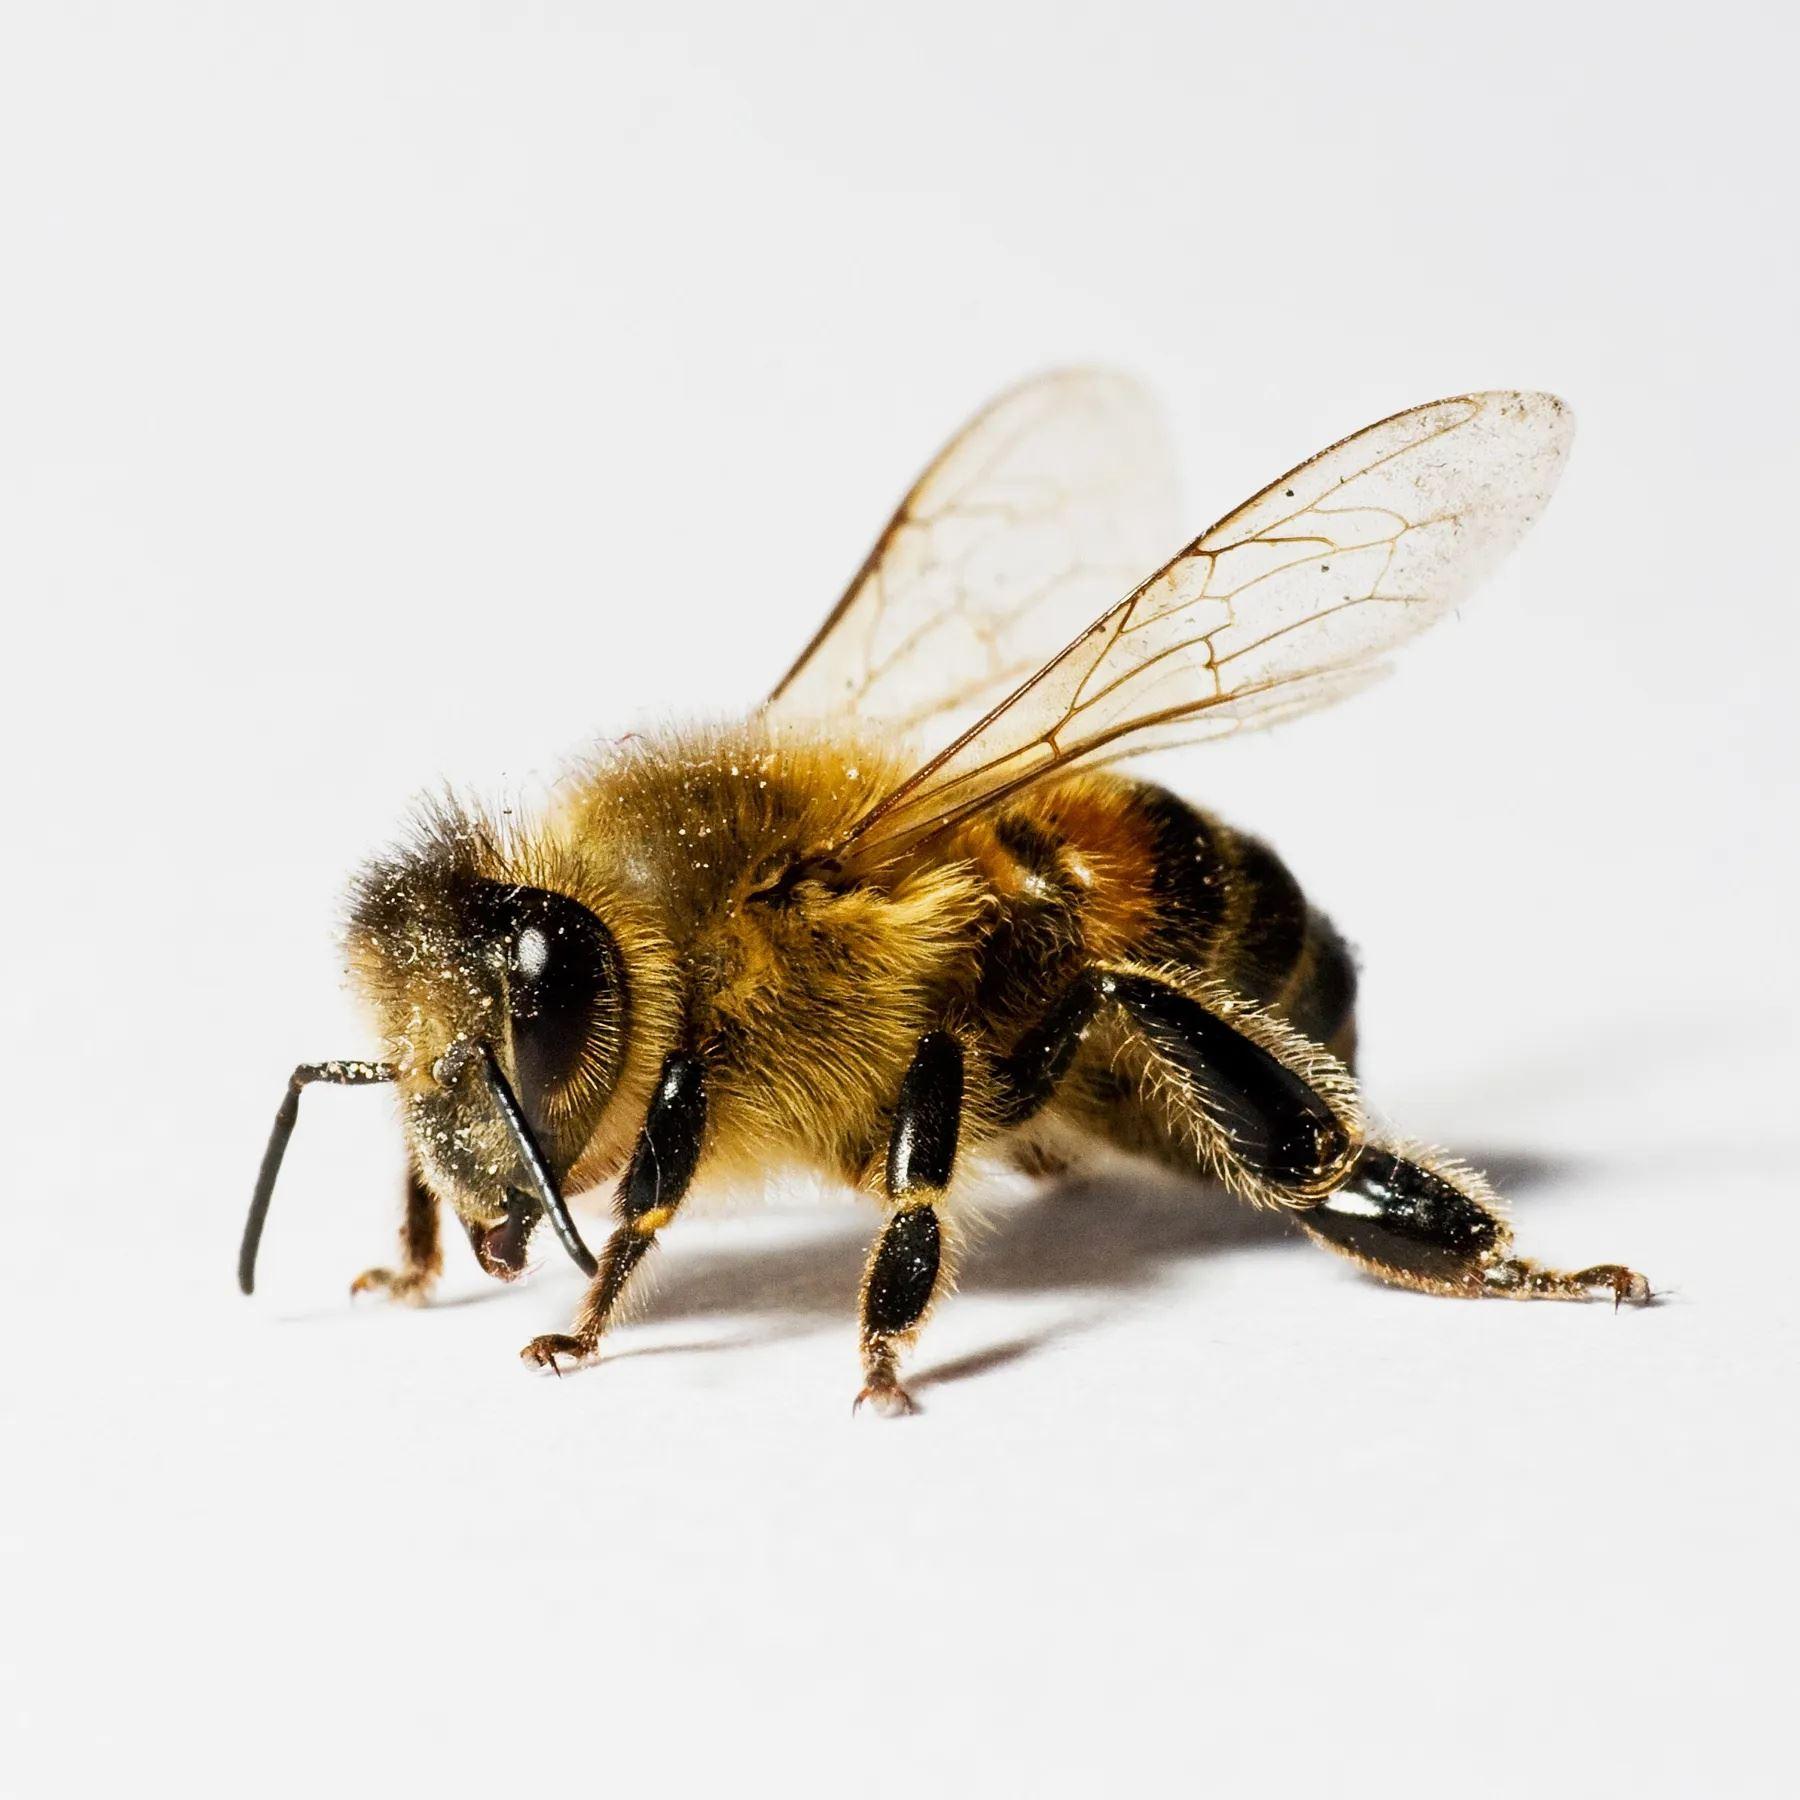 lebah kini dilatih untuk kesan virus covid-19